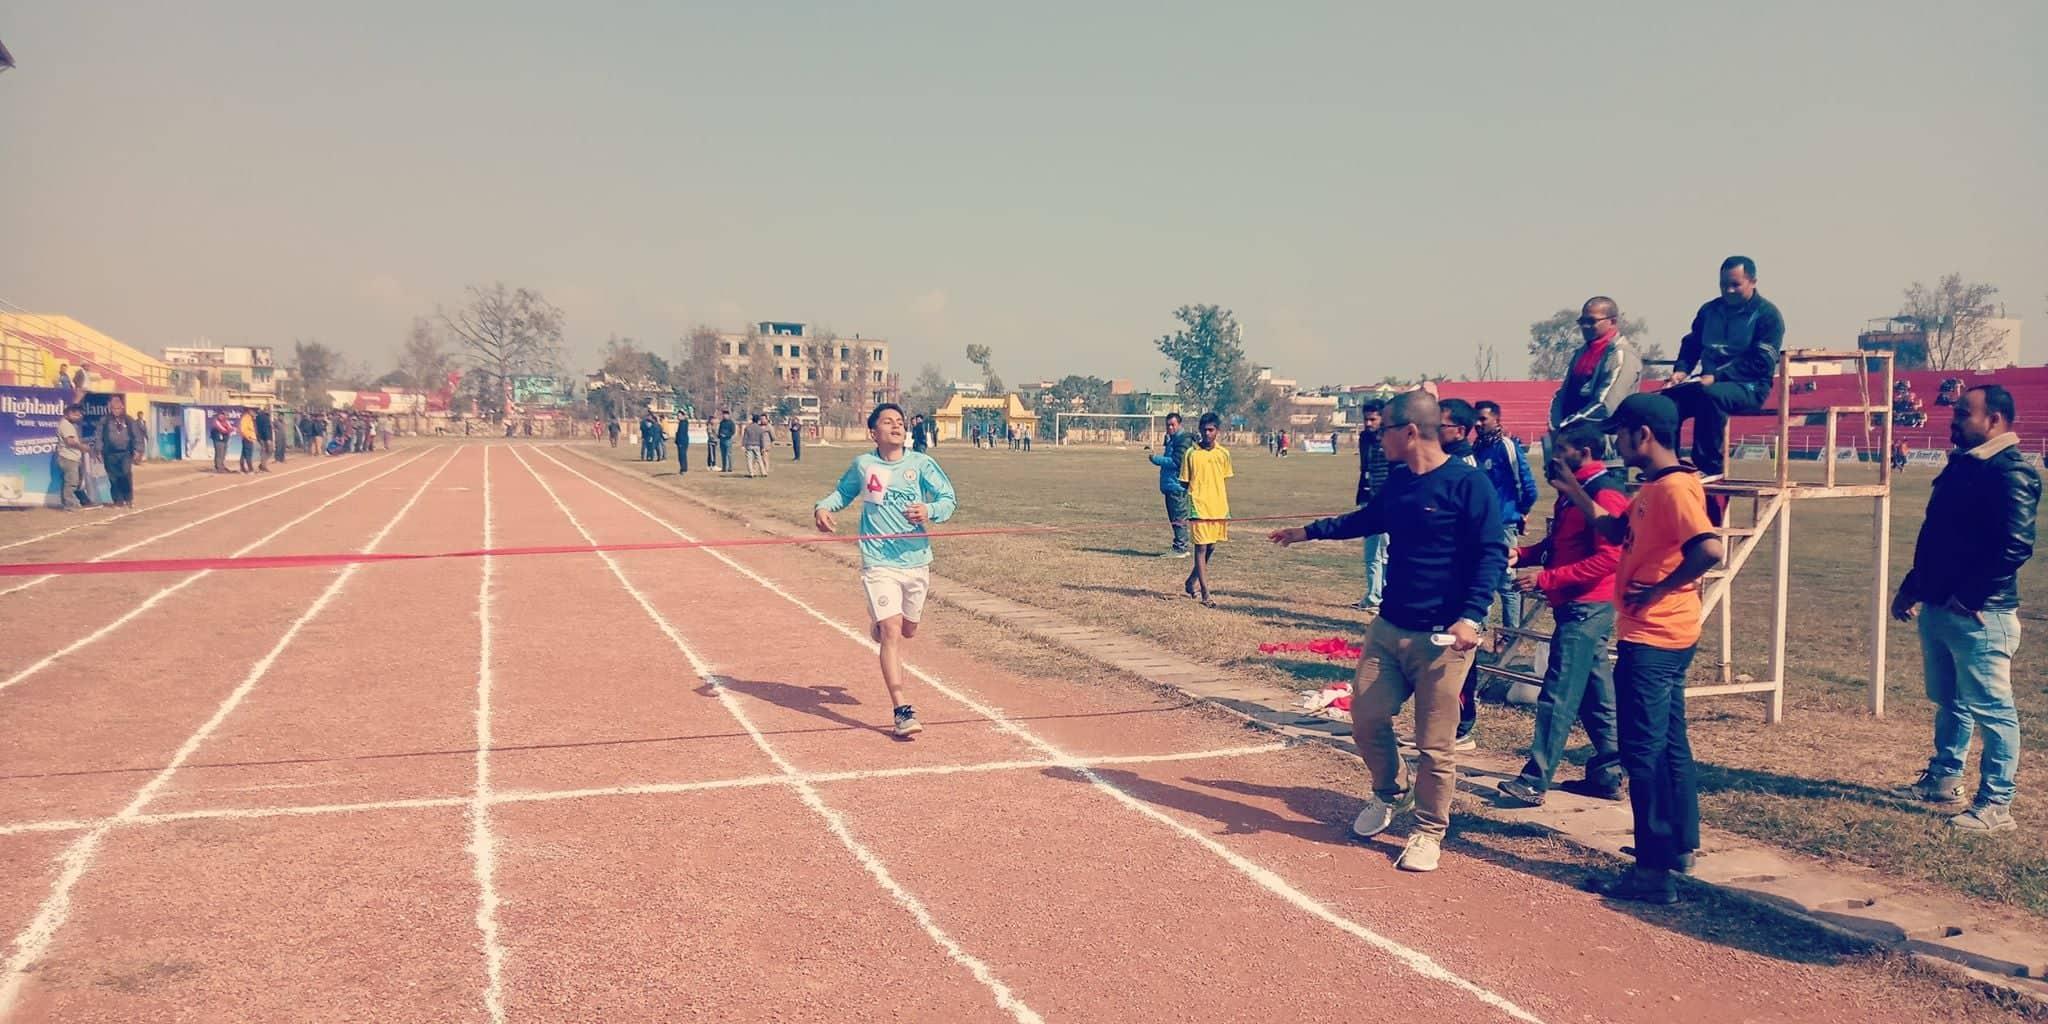 धनगढी नगर स्तरीय राष्ट्रपति रनिङ्ग सिल्डः एथलेटिक्सका अधिकांश विधा सकिए, कवडड्डीको फाईनल वाँकी